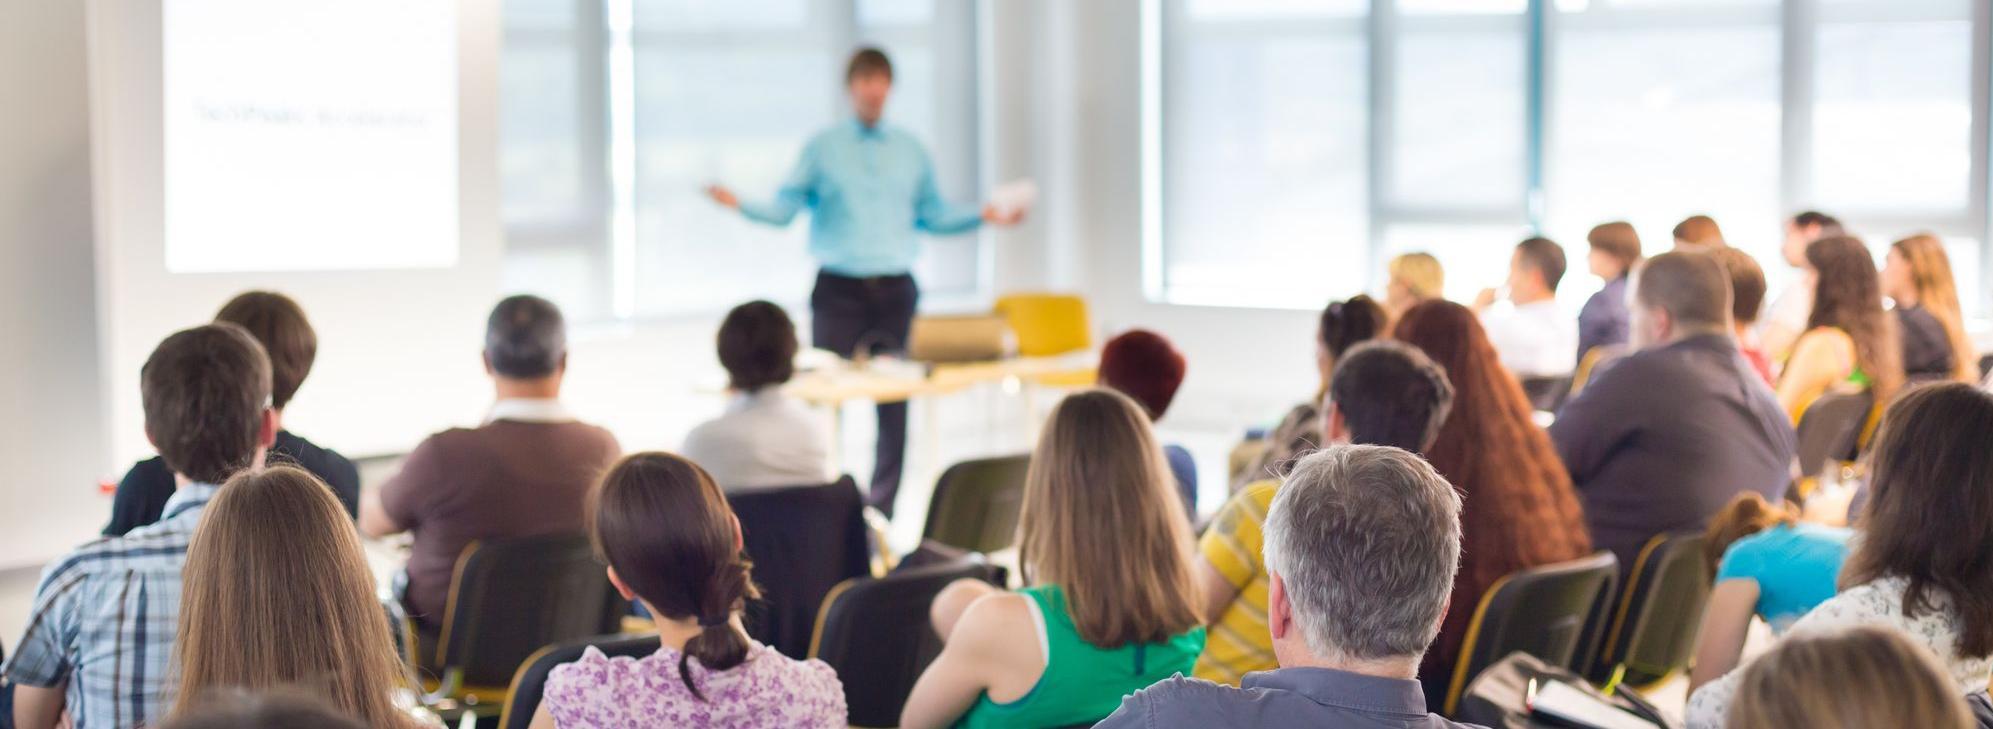 Sprecher und eine Gruppe auf Stühlen sitzender Zuhörer Fotolia_67844411_Subscription_Monthly_XL.jpg